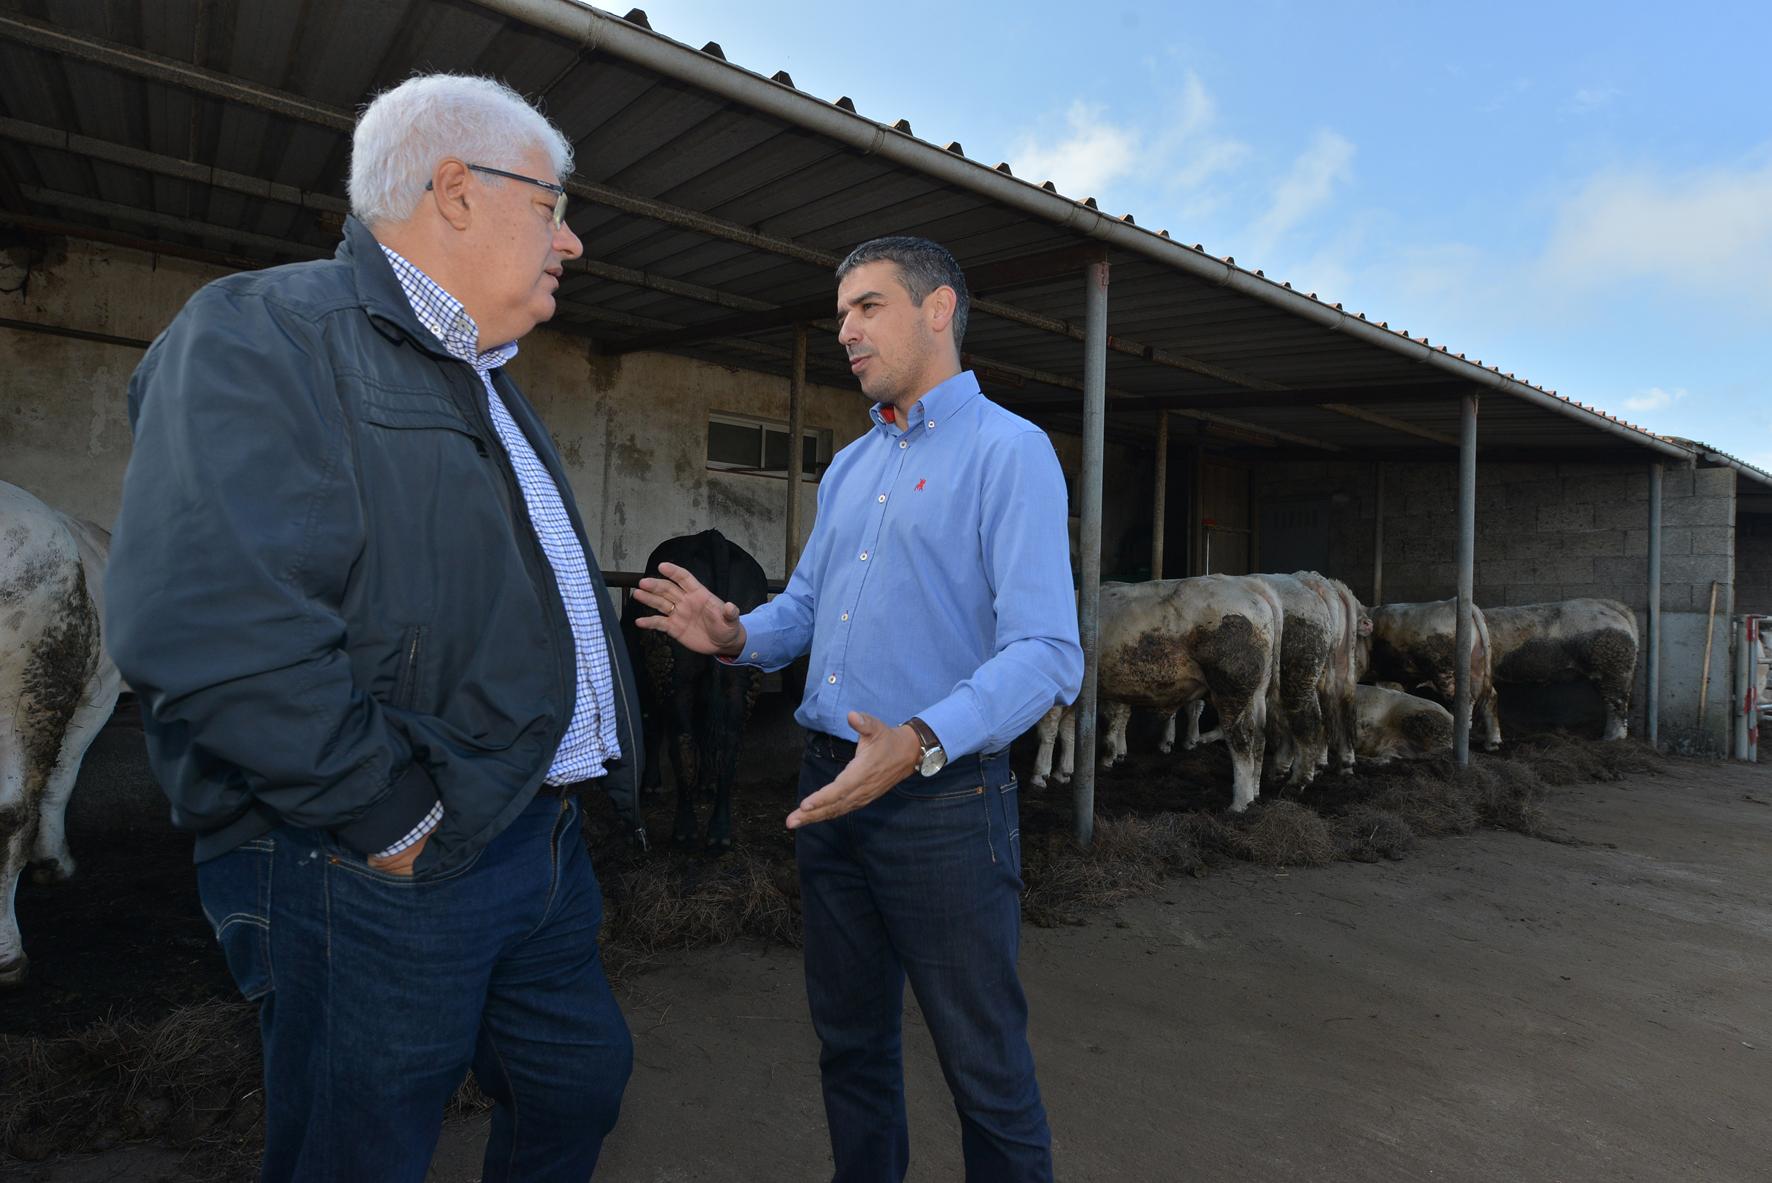 Agricultura destinará 200.000 euros a infraestructuras en el municipio herreño de El Pinar